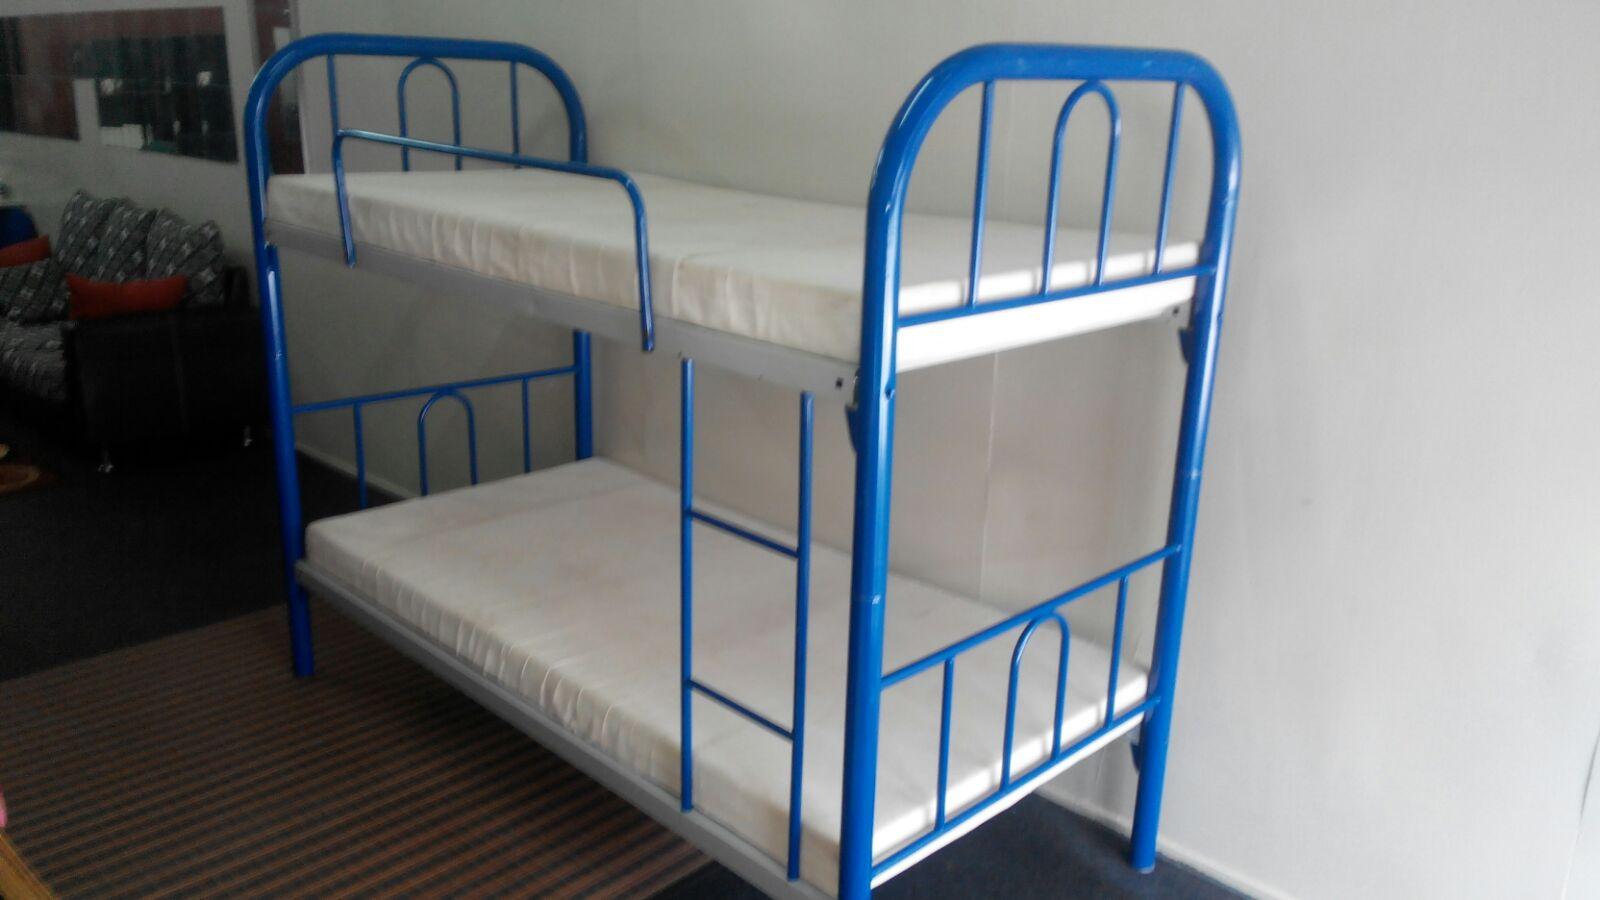 sofa bed murah malaysia 2018 storage beds london katil 2 tingkat kayu | desainrumahid.com